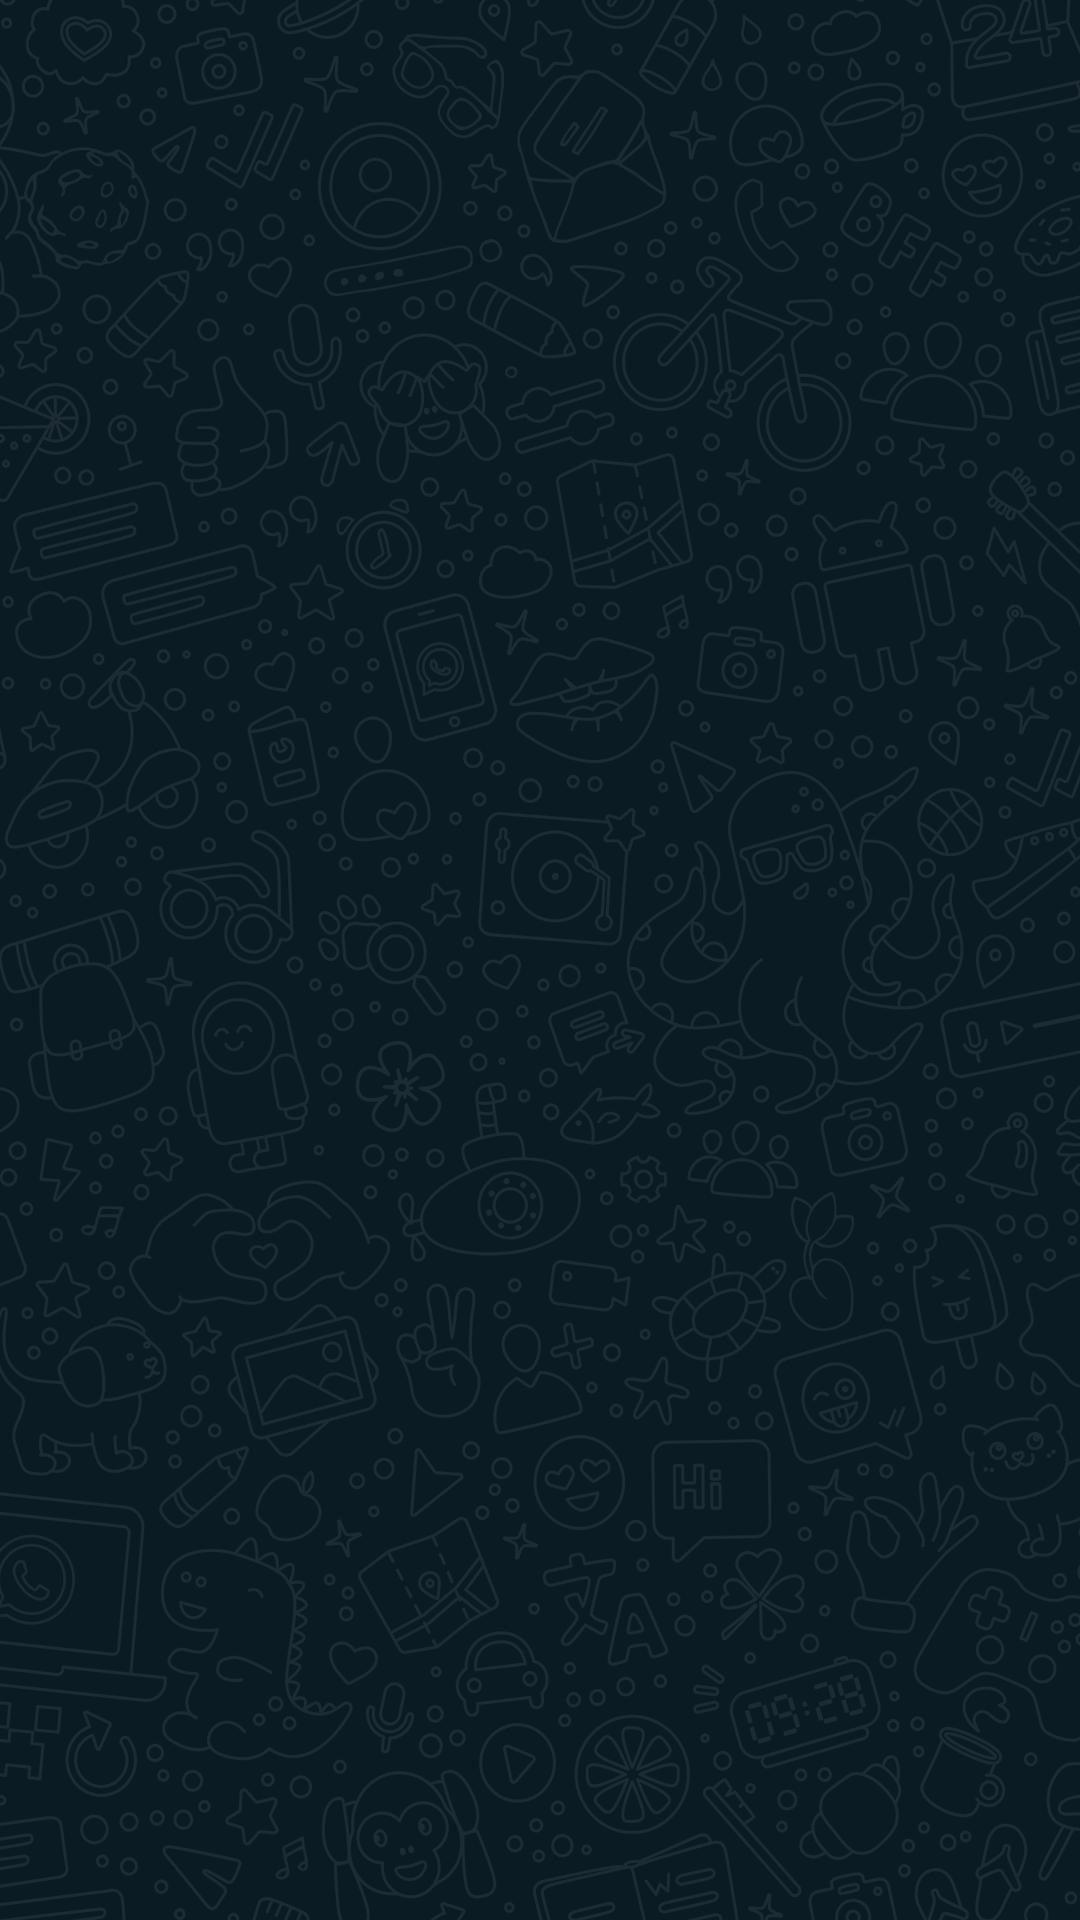 Whatsapp Dark Wallpapers Top Free Whatsapp Dark Backgrounds